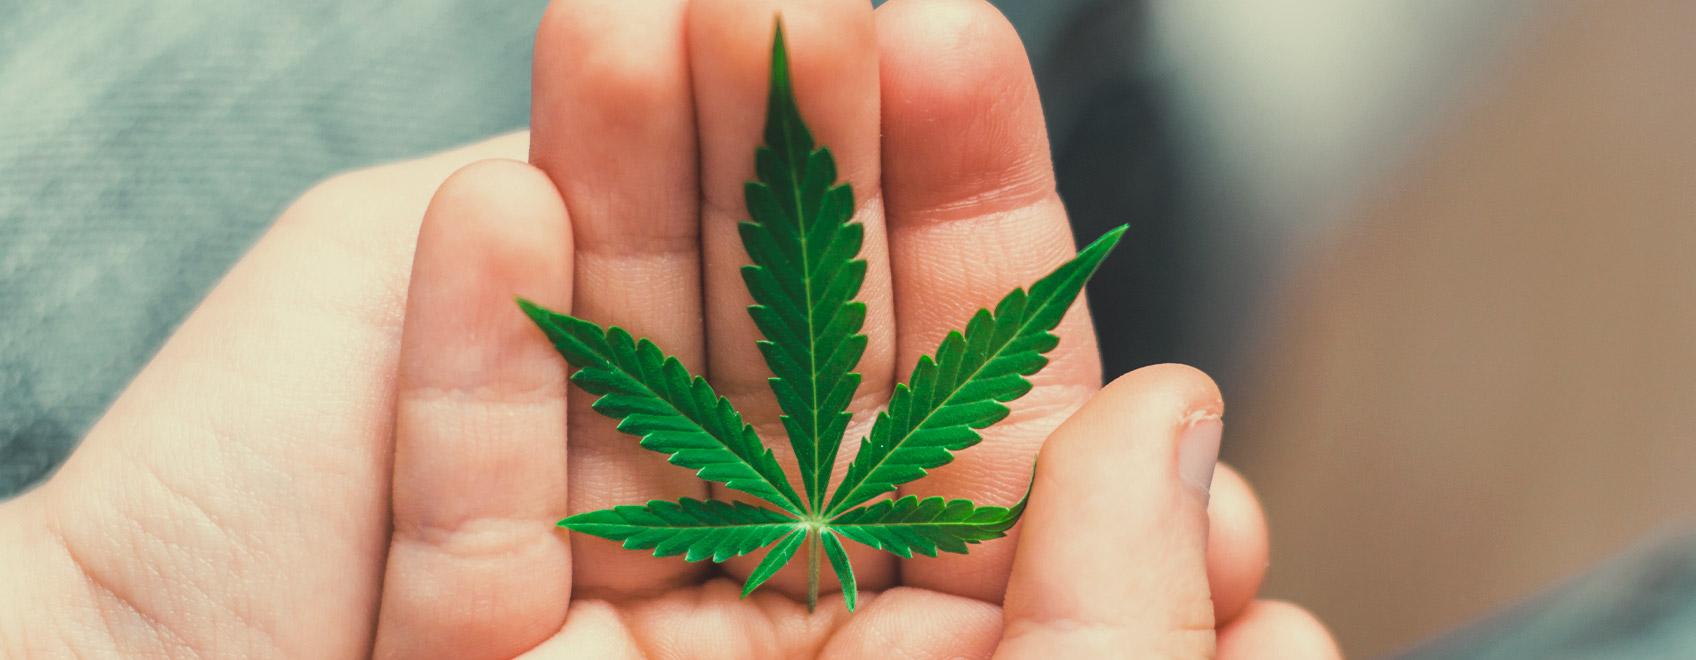 Wie können wir unseren Kindern das Thema Cannabis näher bringen?